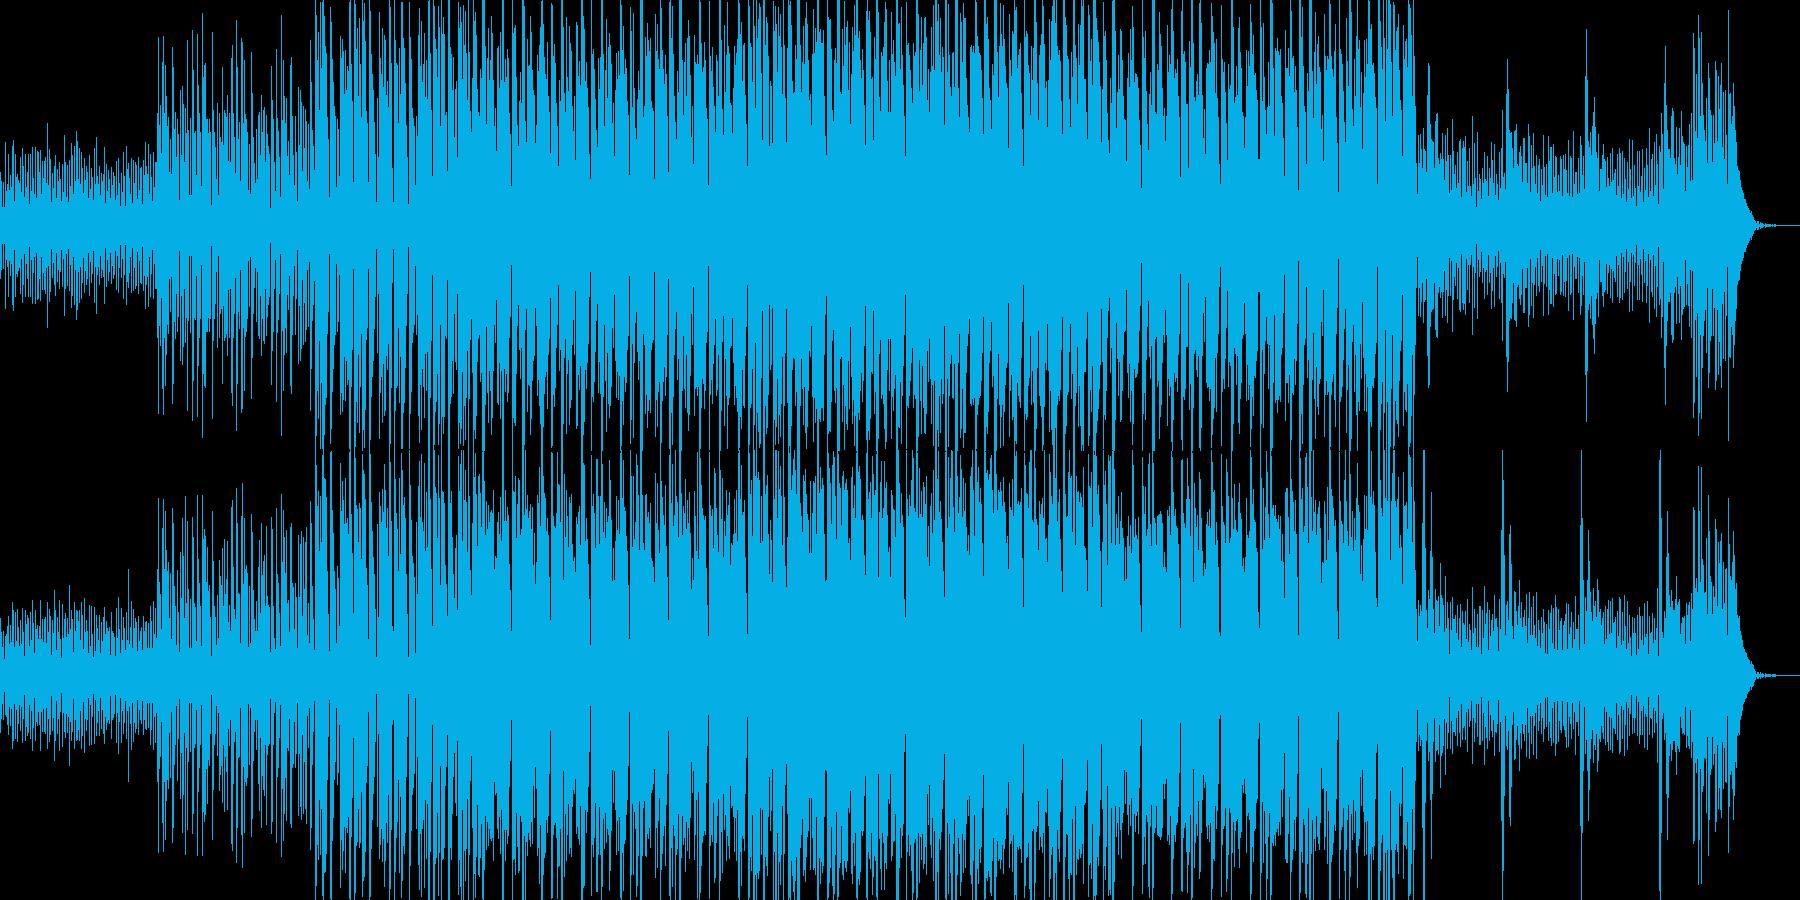 キラキラ系シンセのマイナー調テクノの再生済みの波形